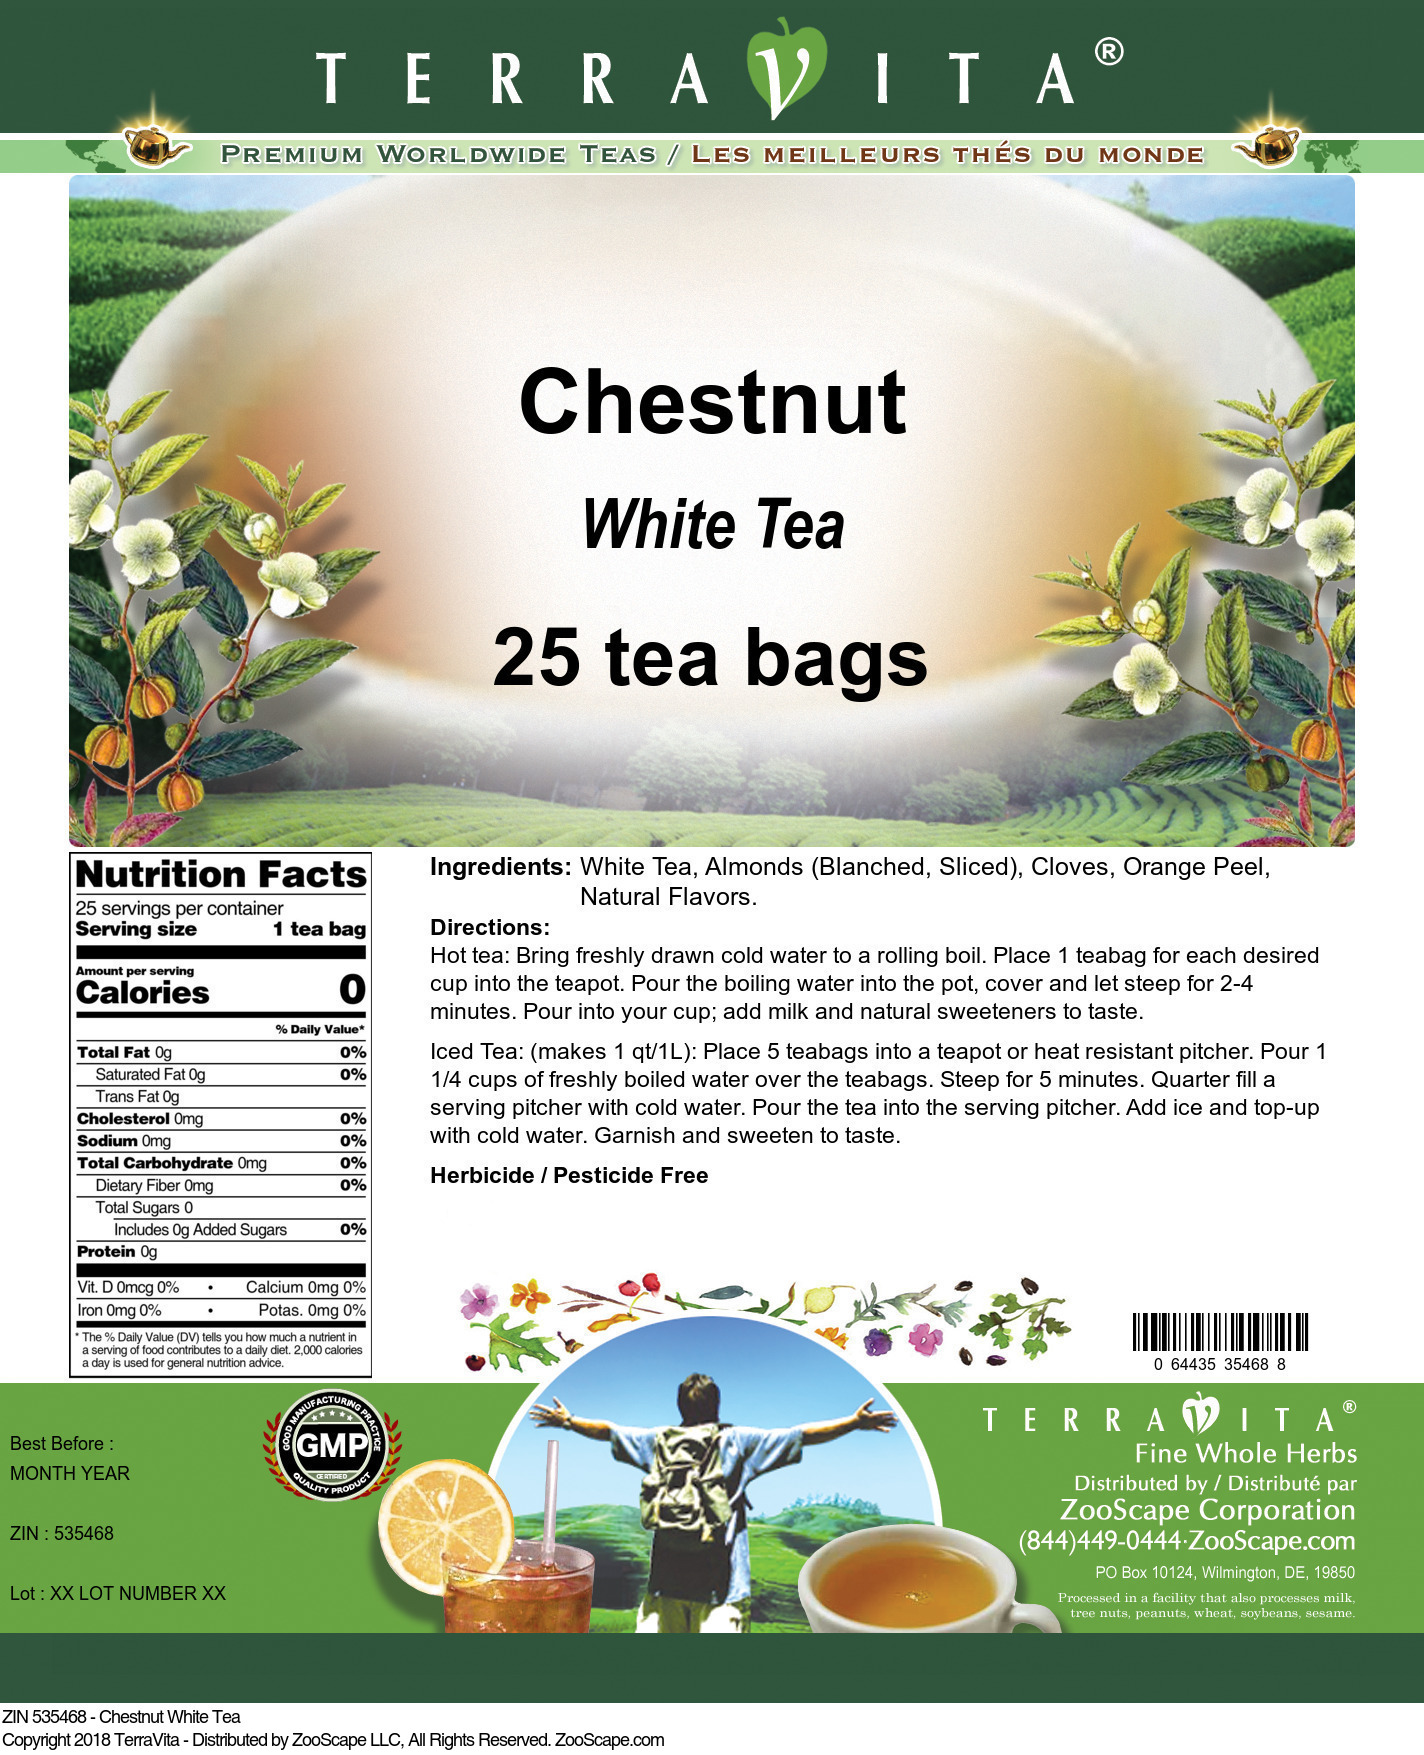 Chestnut White Tea